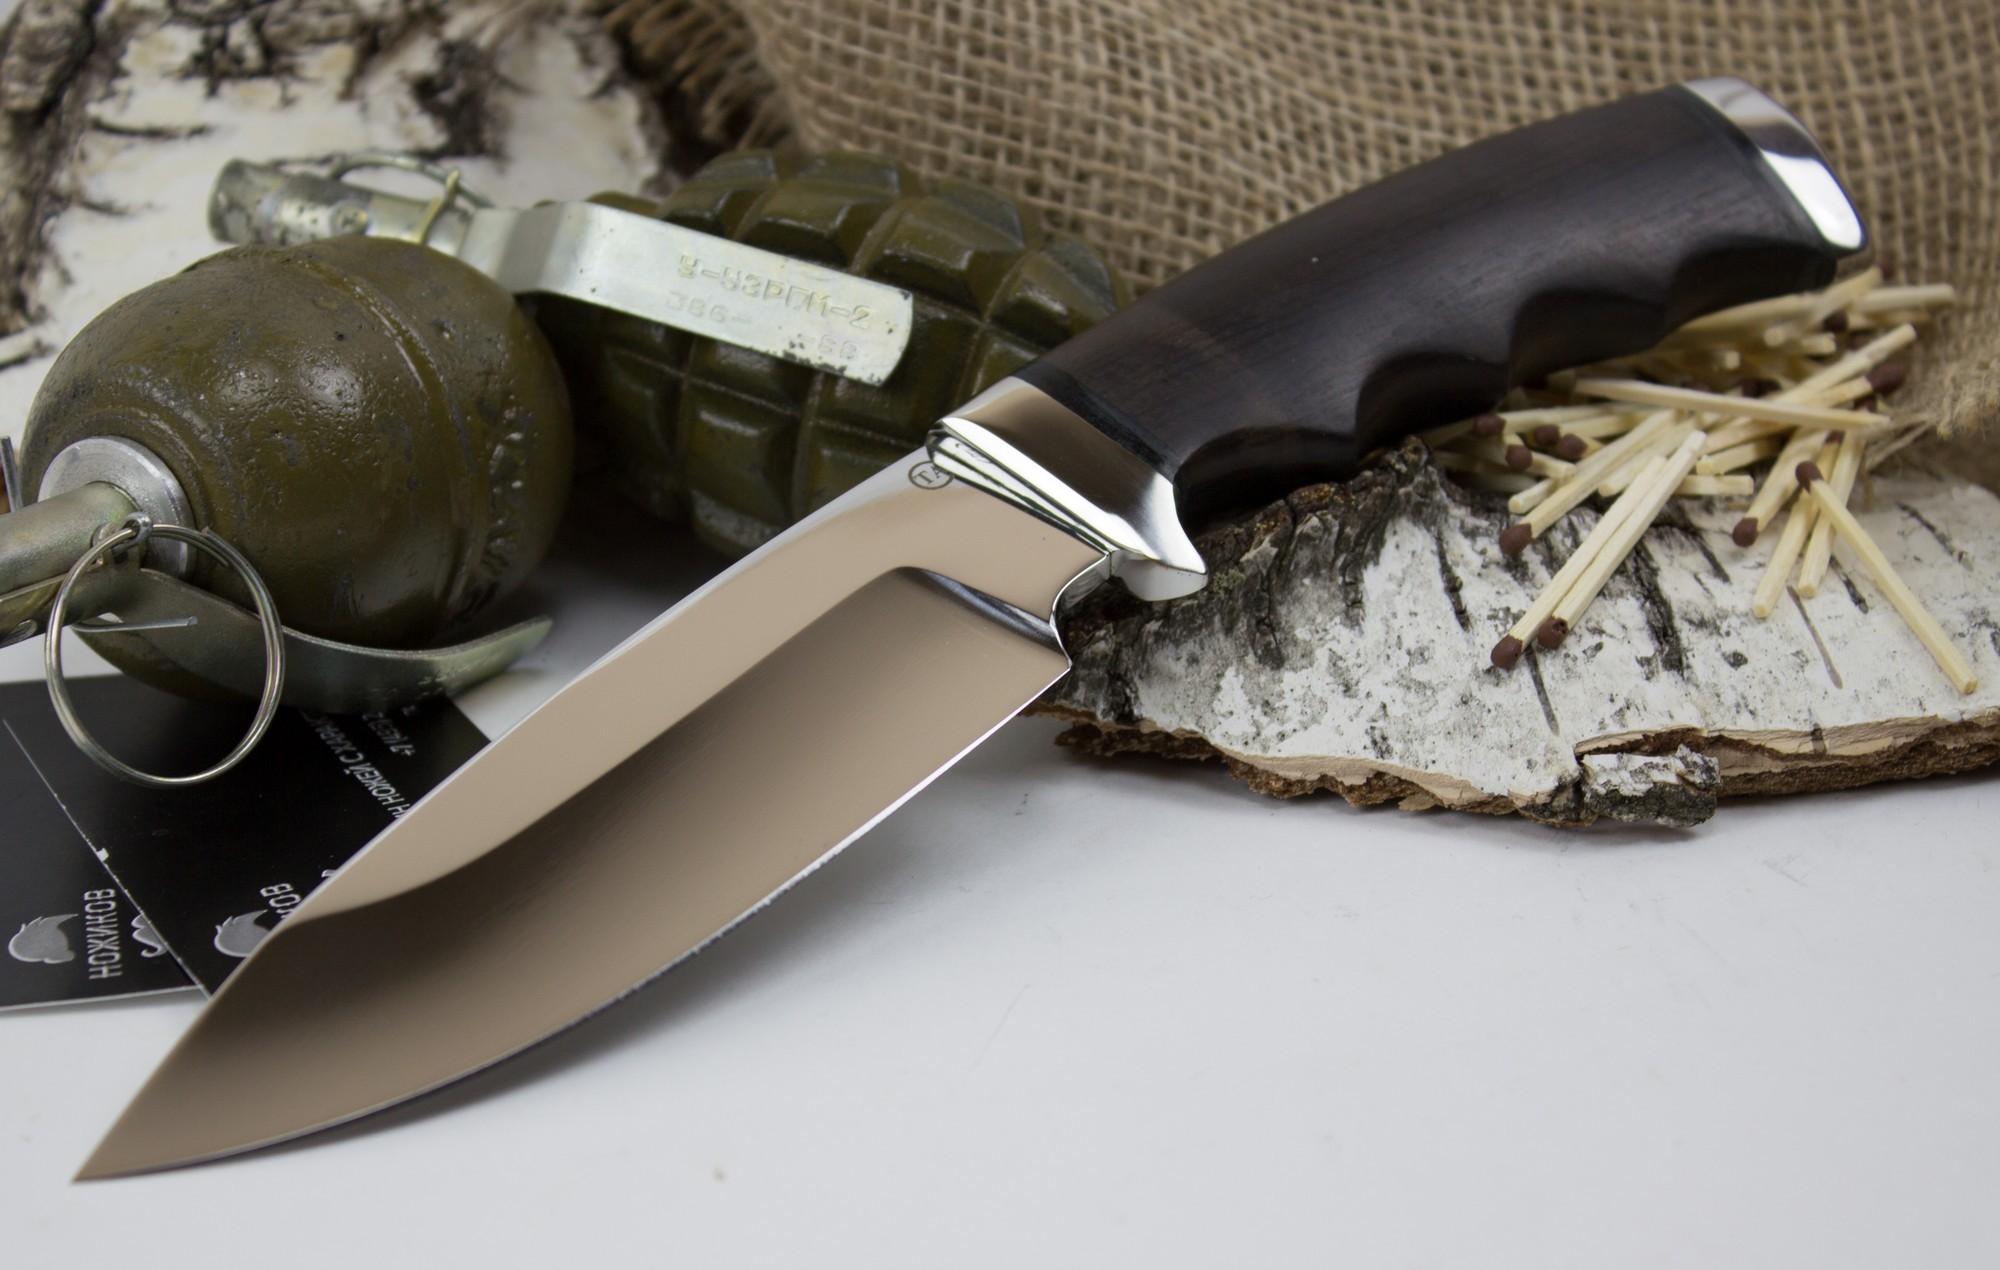 Фото 2 - Нож Барсук-1, сталь 95х18 от Титов и Солдатова